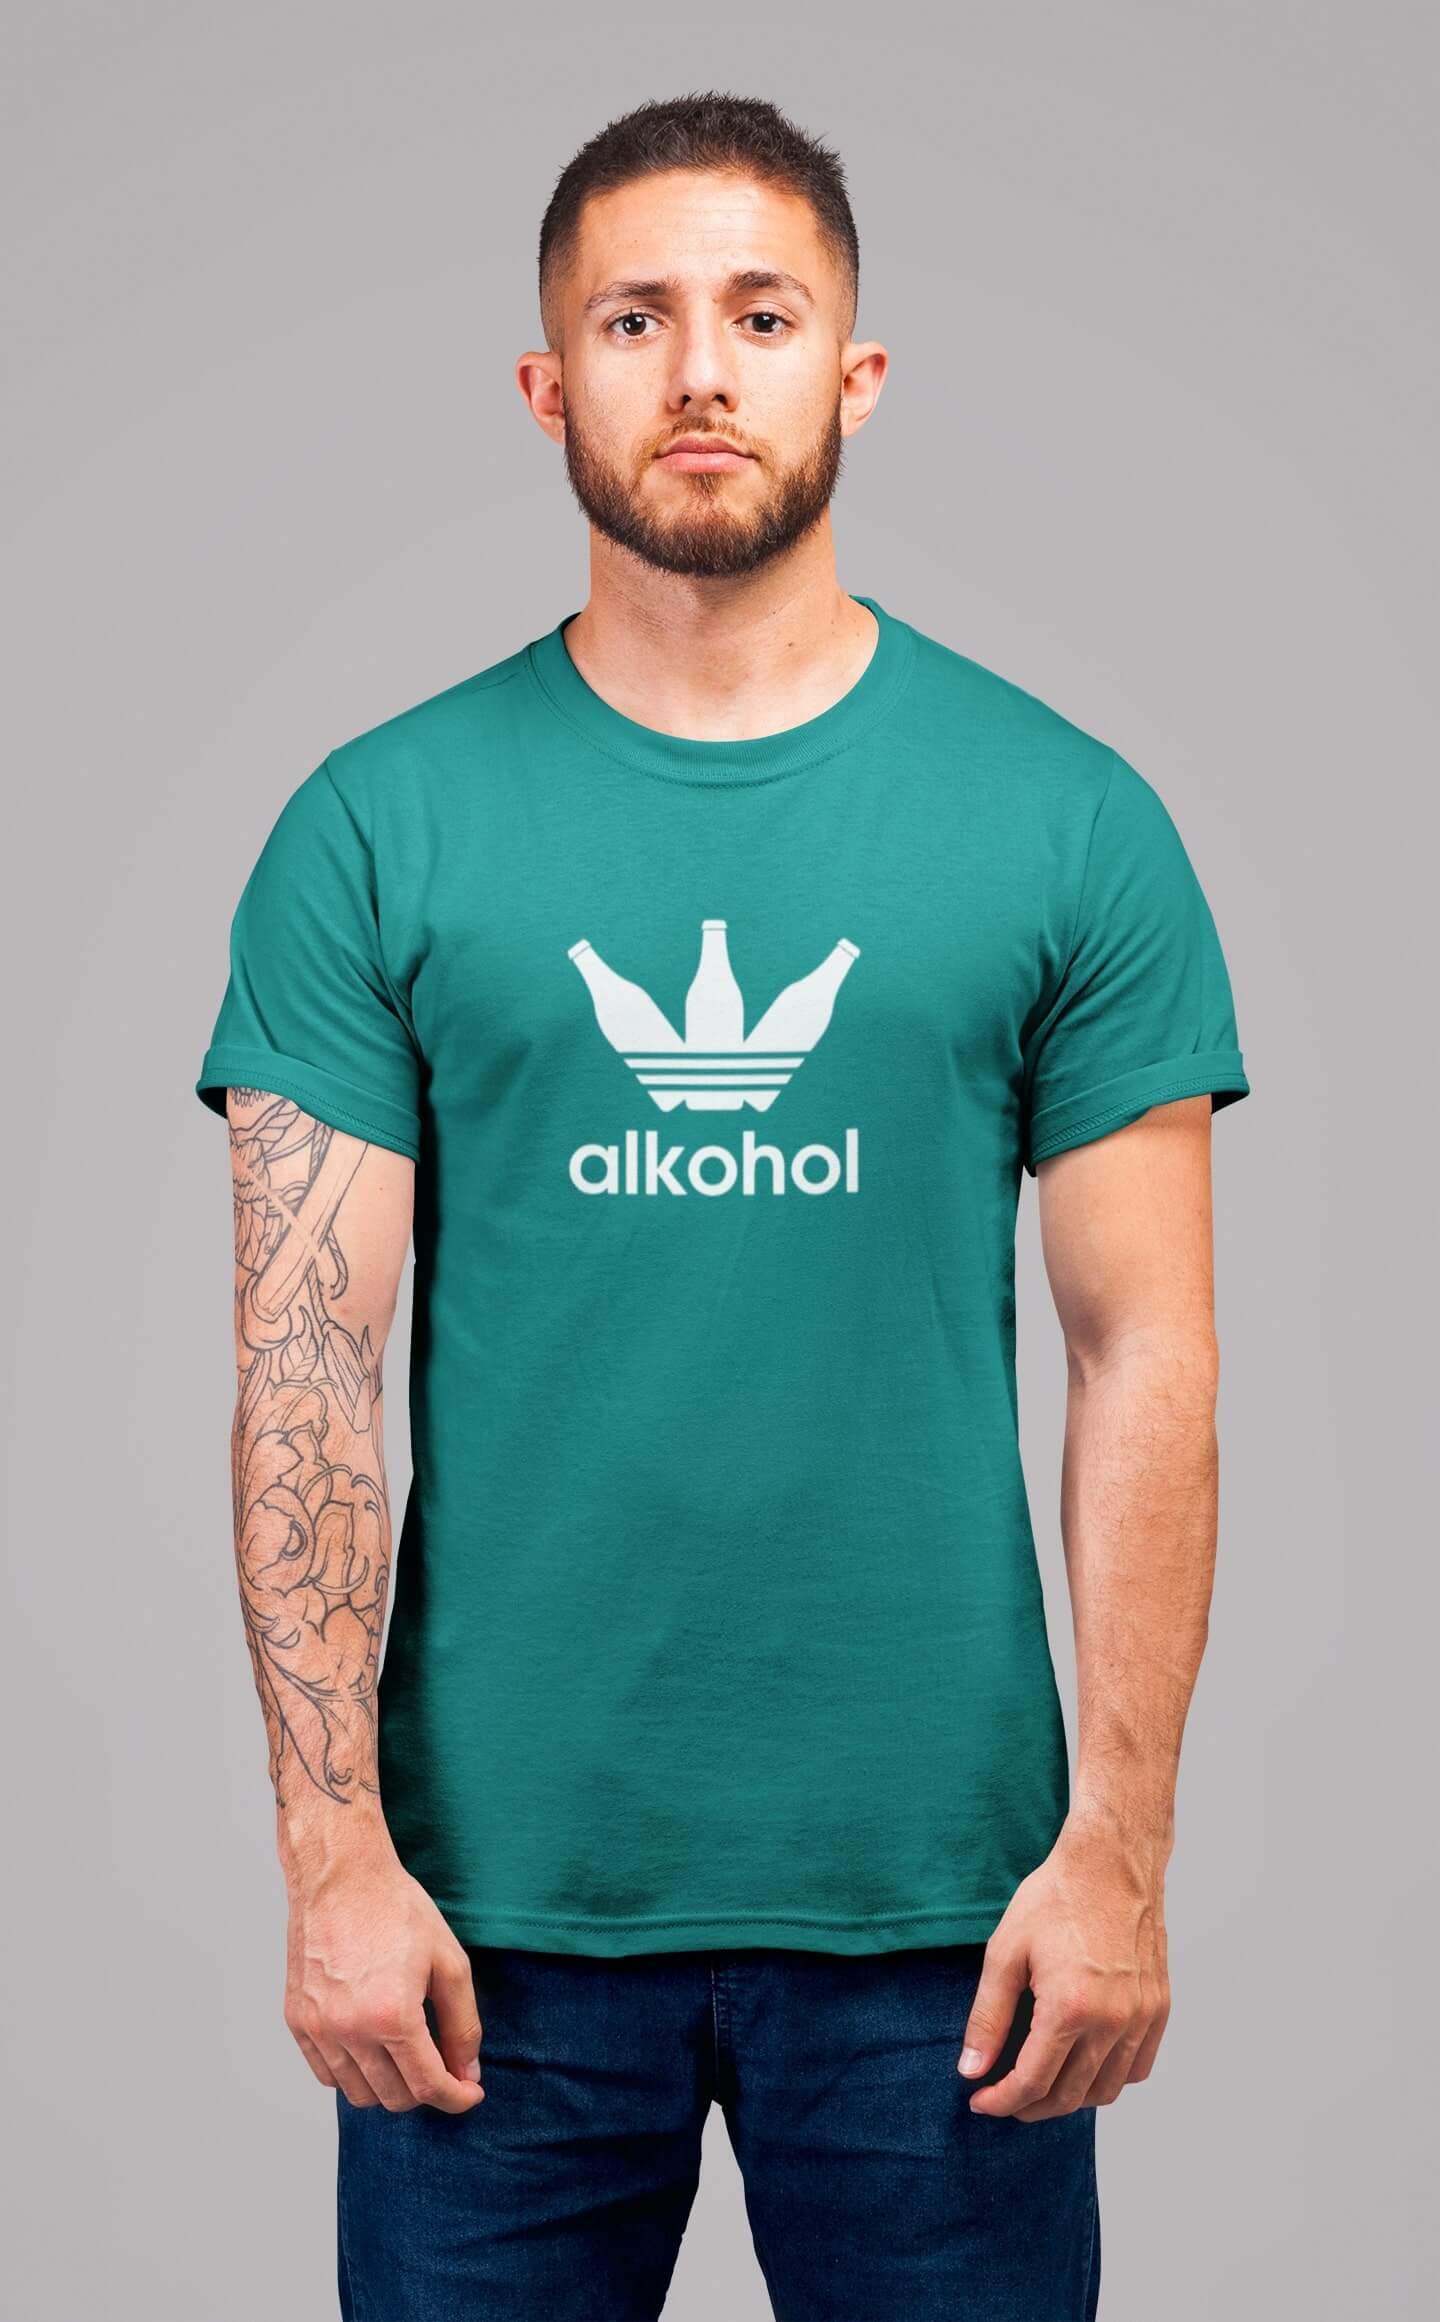 MMO Pánske tričko s flaškami Vyberte farbu: Smaragdovozelená, Vyberte veľkosť: S